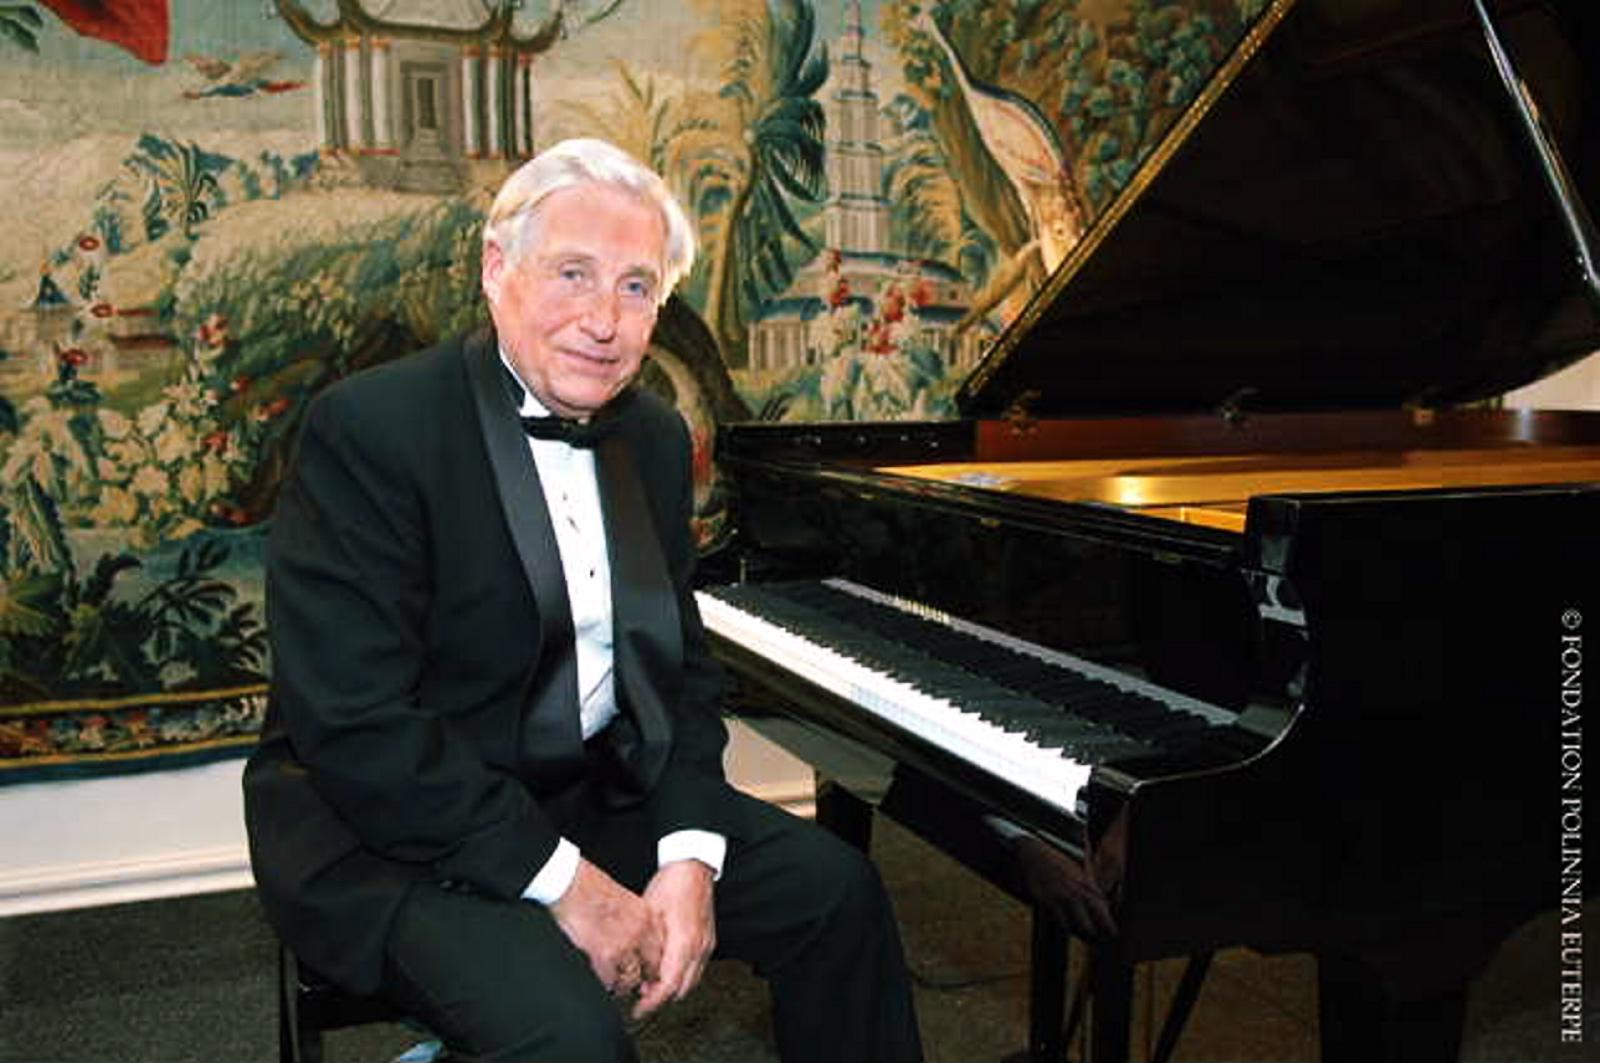 El Pianista Joaquin Achucarro en el Kursal